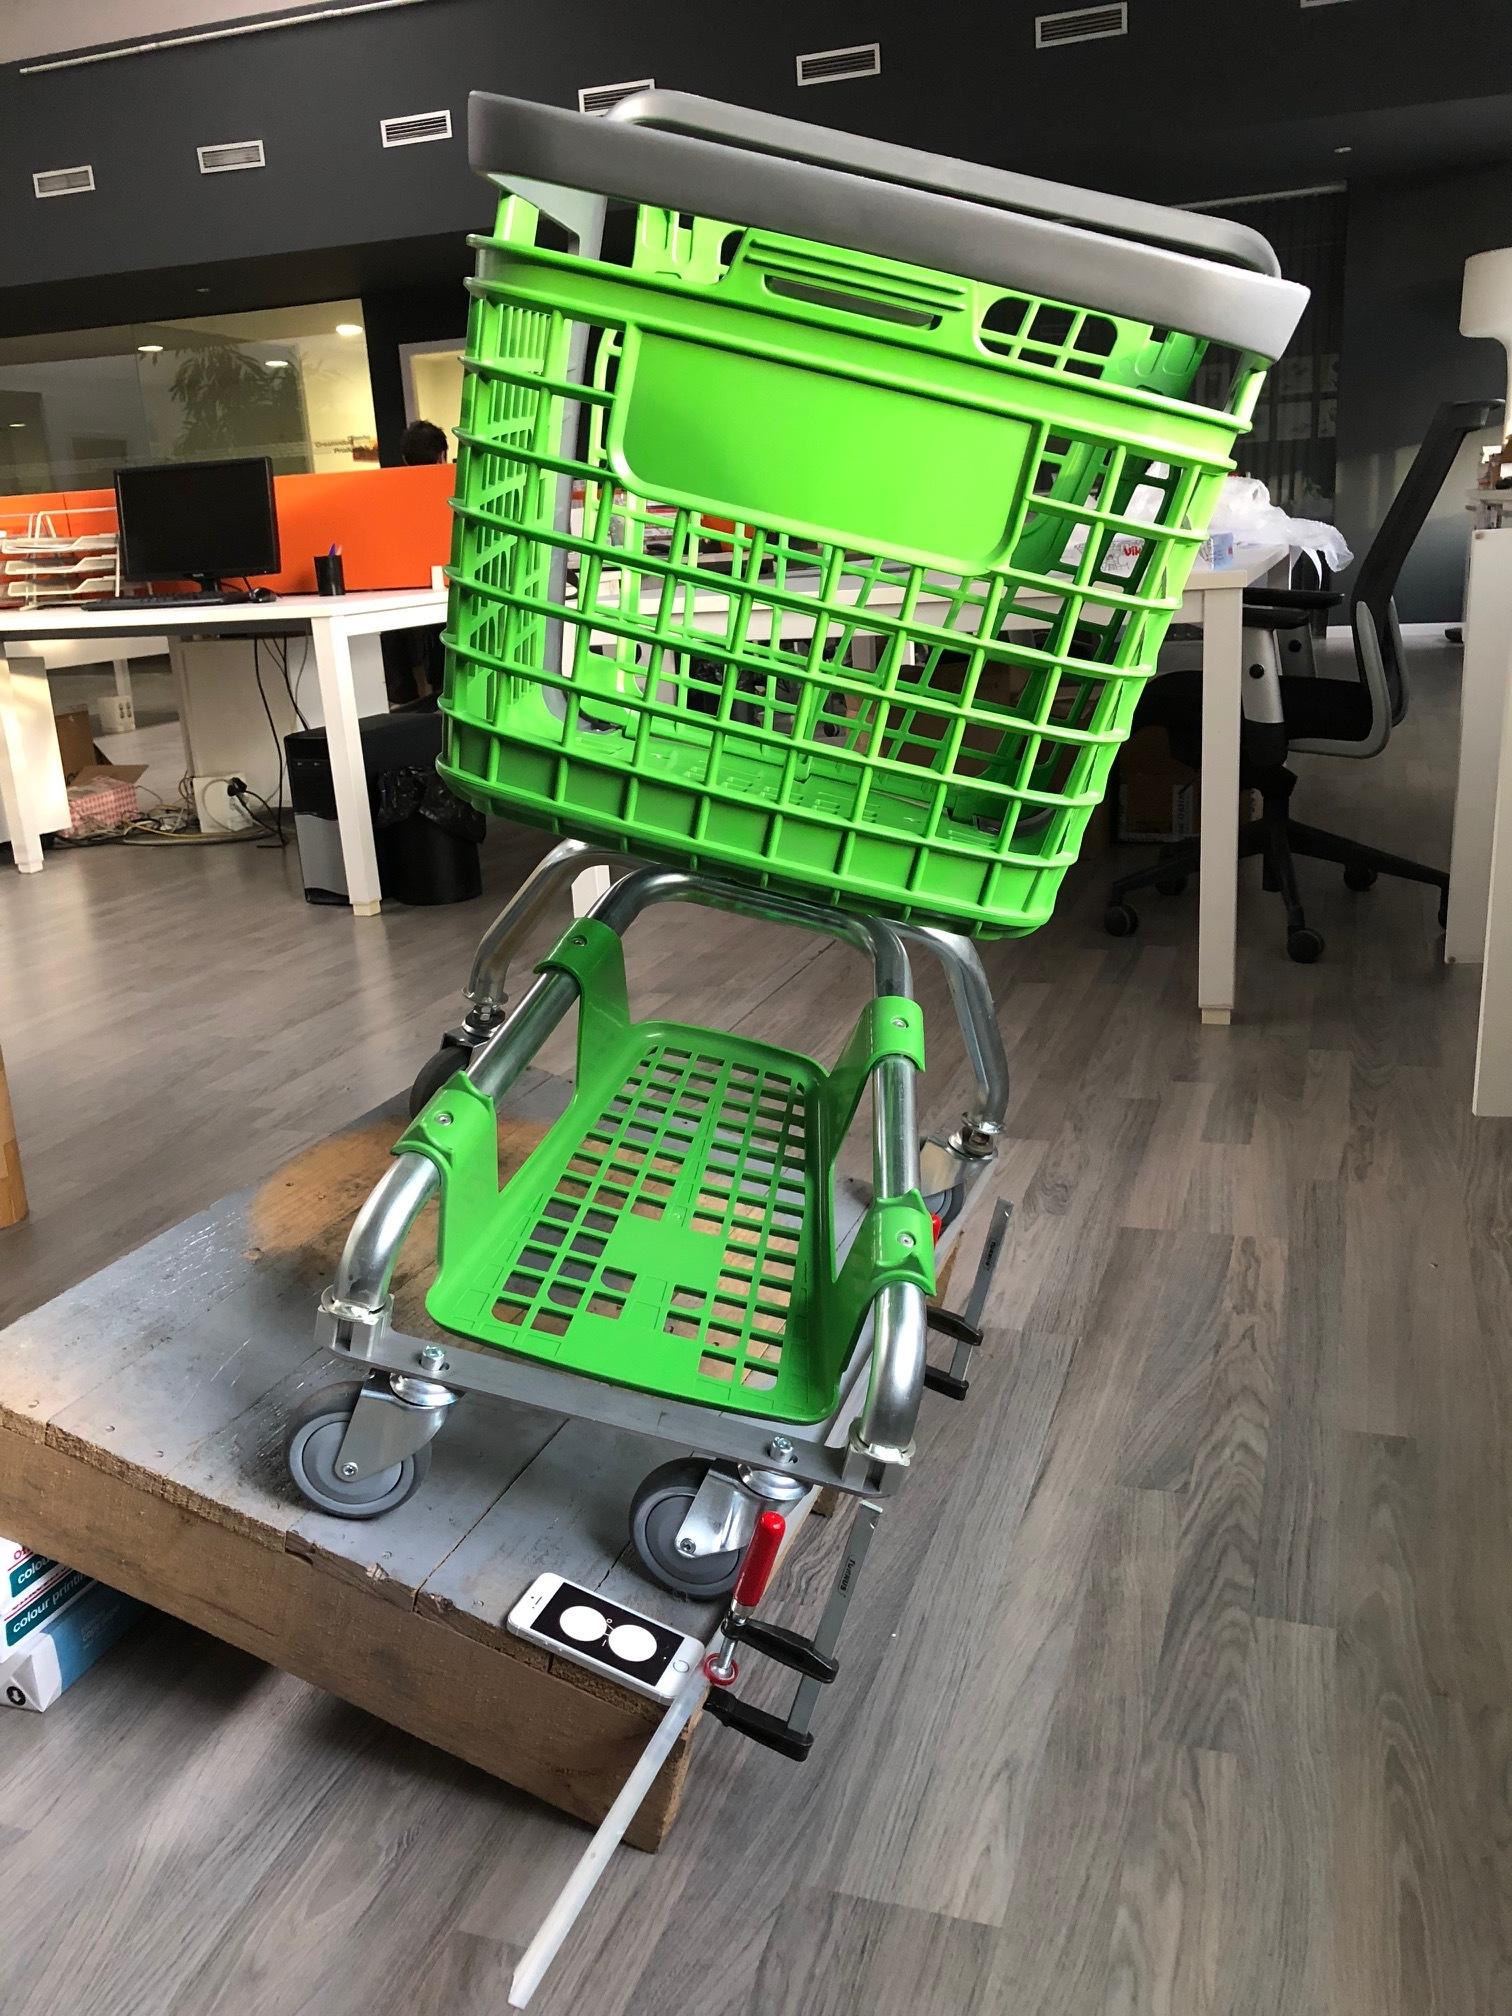 bravo-carrito-supermercado-test-prototipo